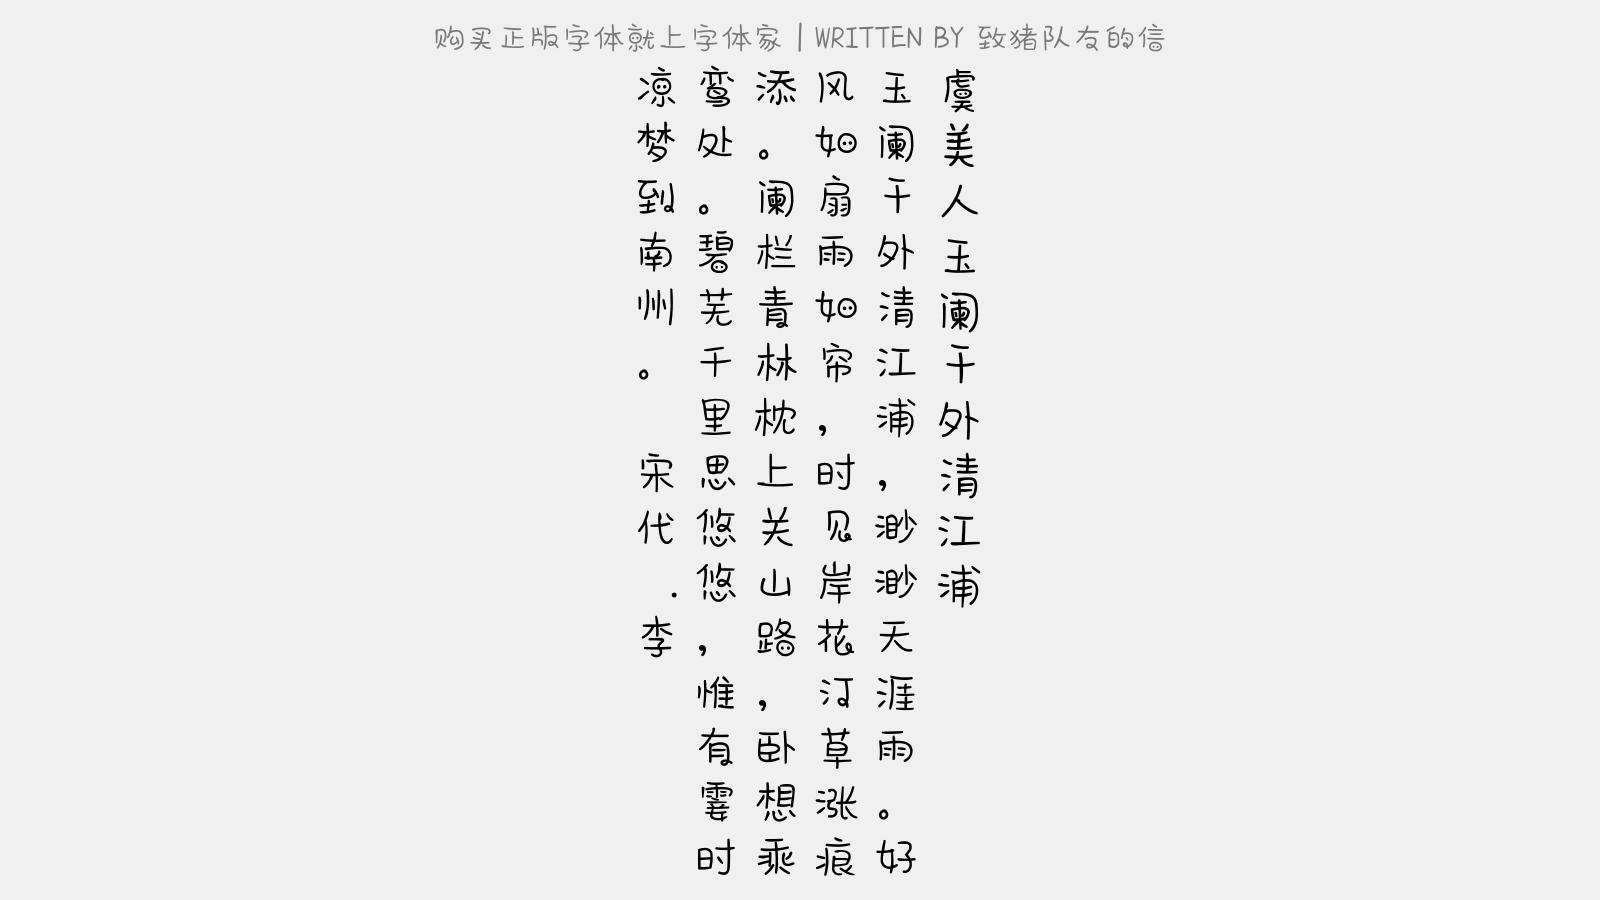 致豬隊友的信 - 虞美人·玉闌干外清江浦